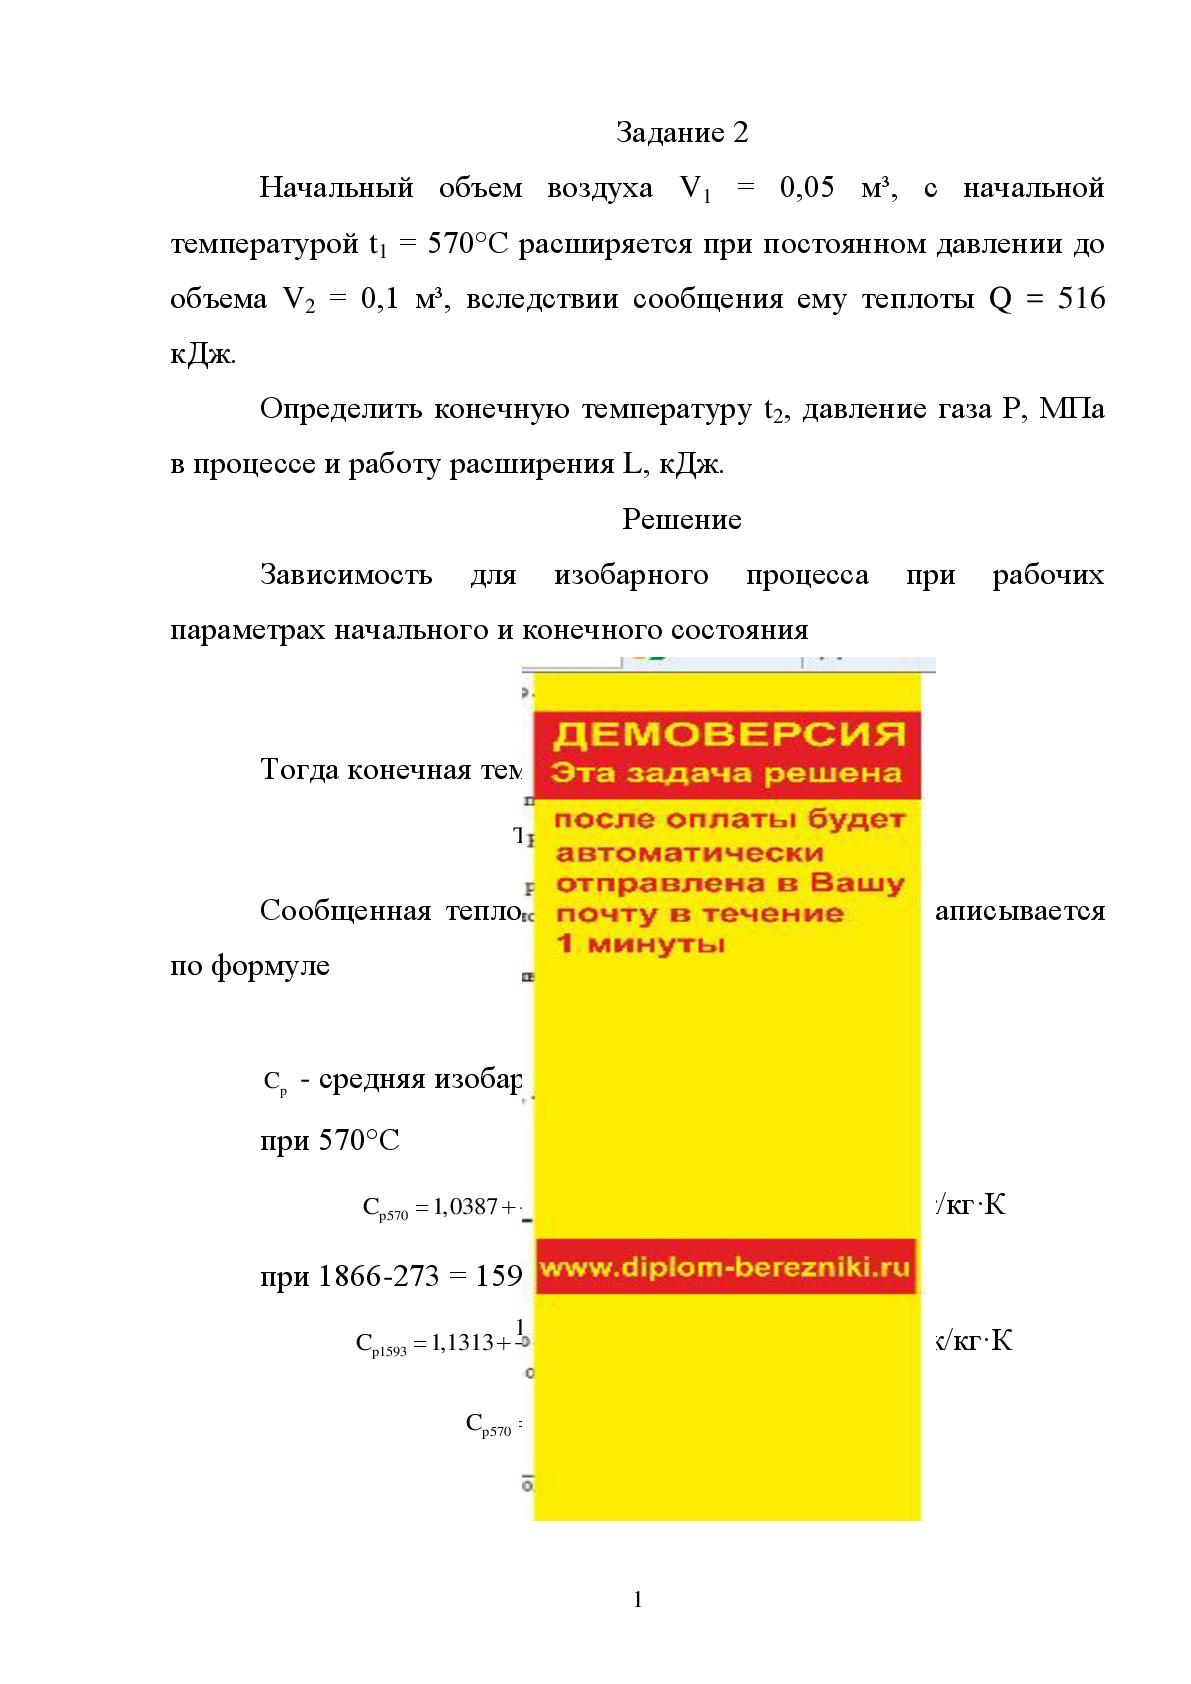 Начальный объем воздуха V1 = 0,05 м³, с начальной температурой t1 = 570°С расширяется при постоянном давлении до объема V2 = 0,1 м³, вследствие сообщения ему теплоты Q = 516 кДж.